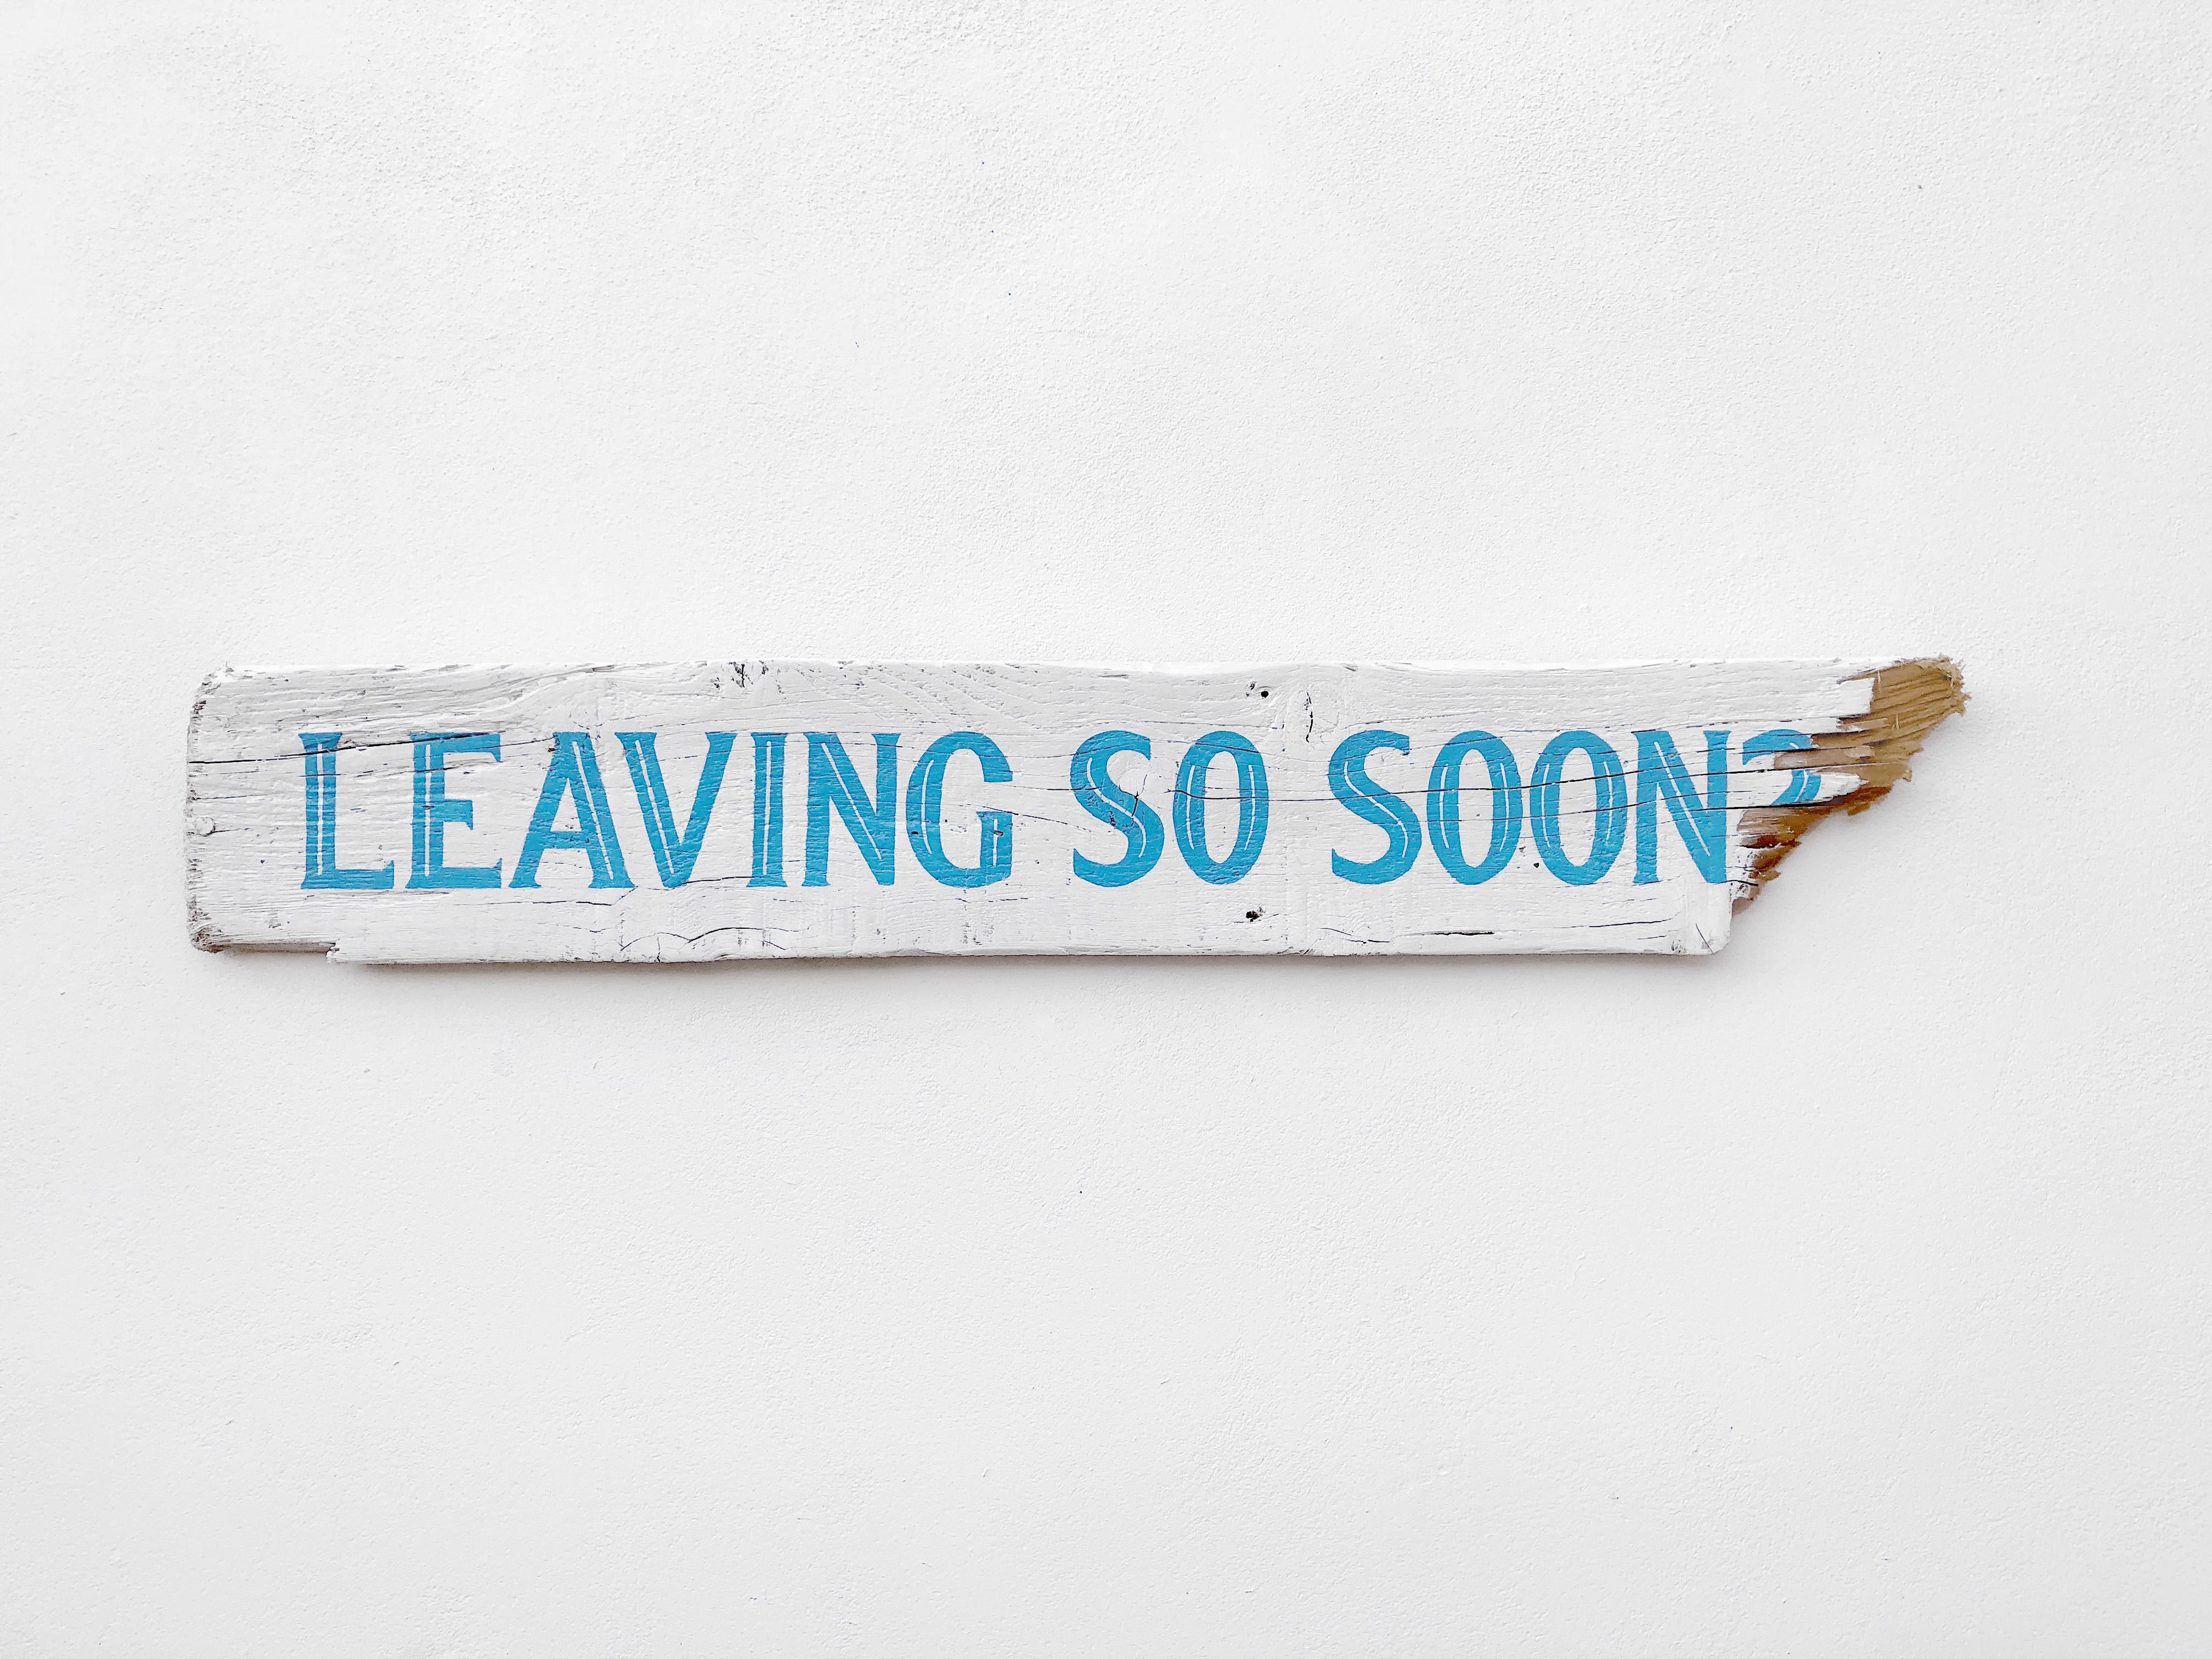 LEAVING SO SOON